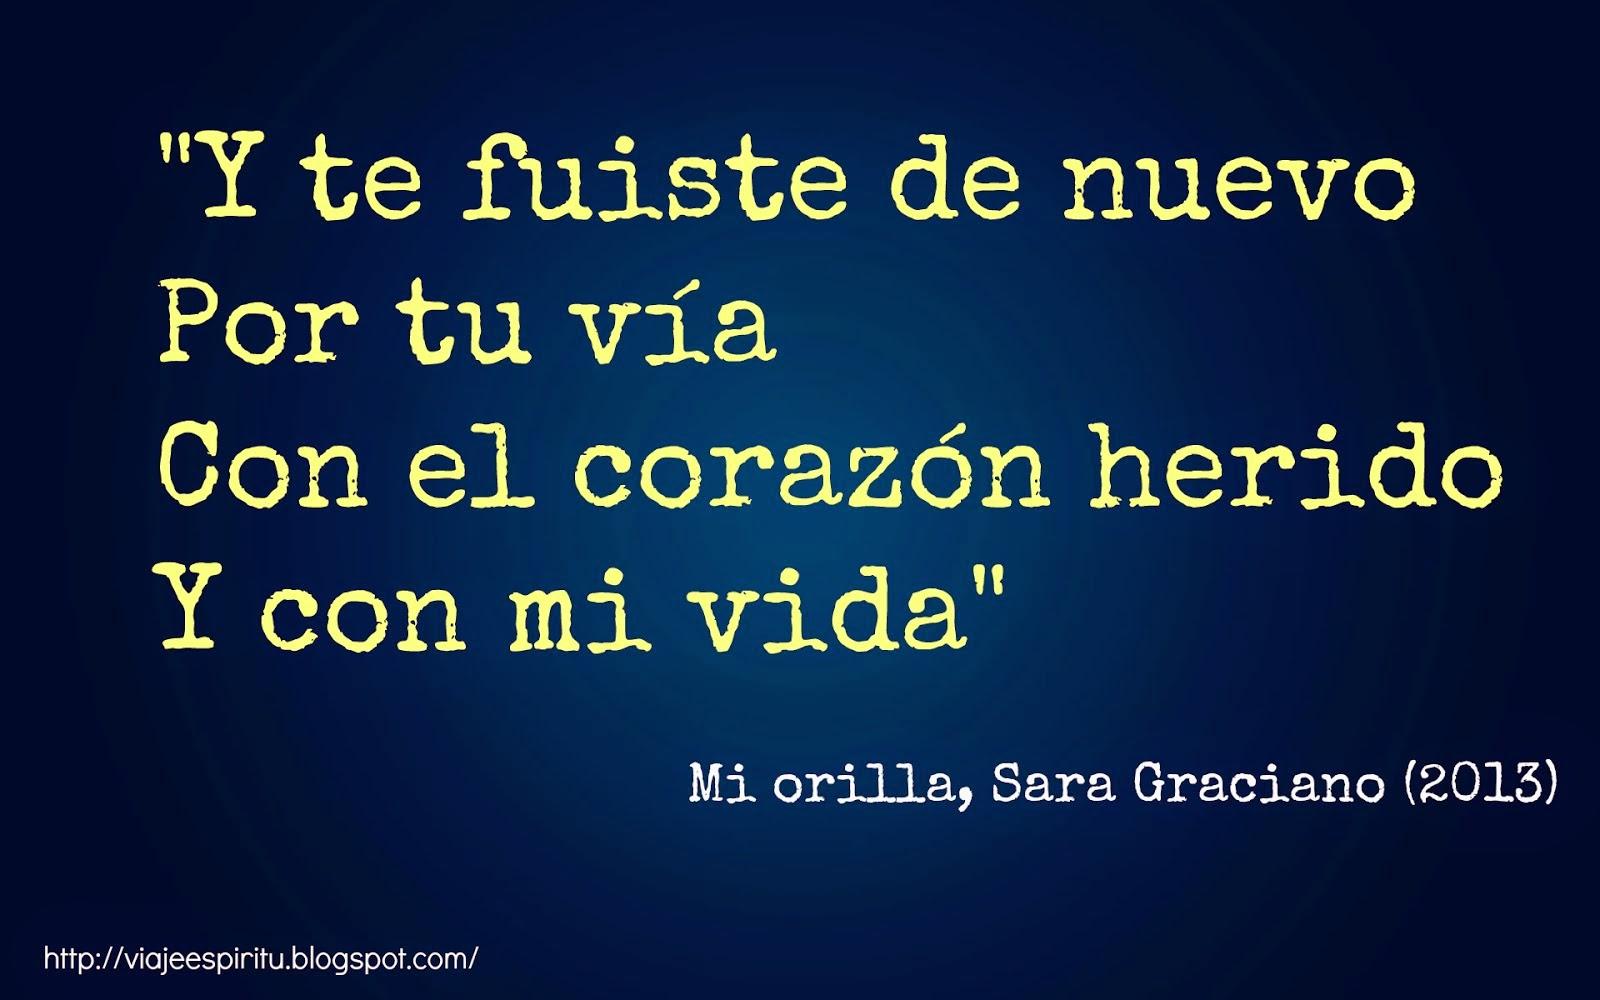 Mi orilla, Sara Graciano